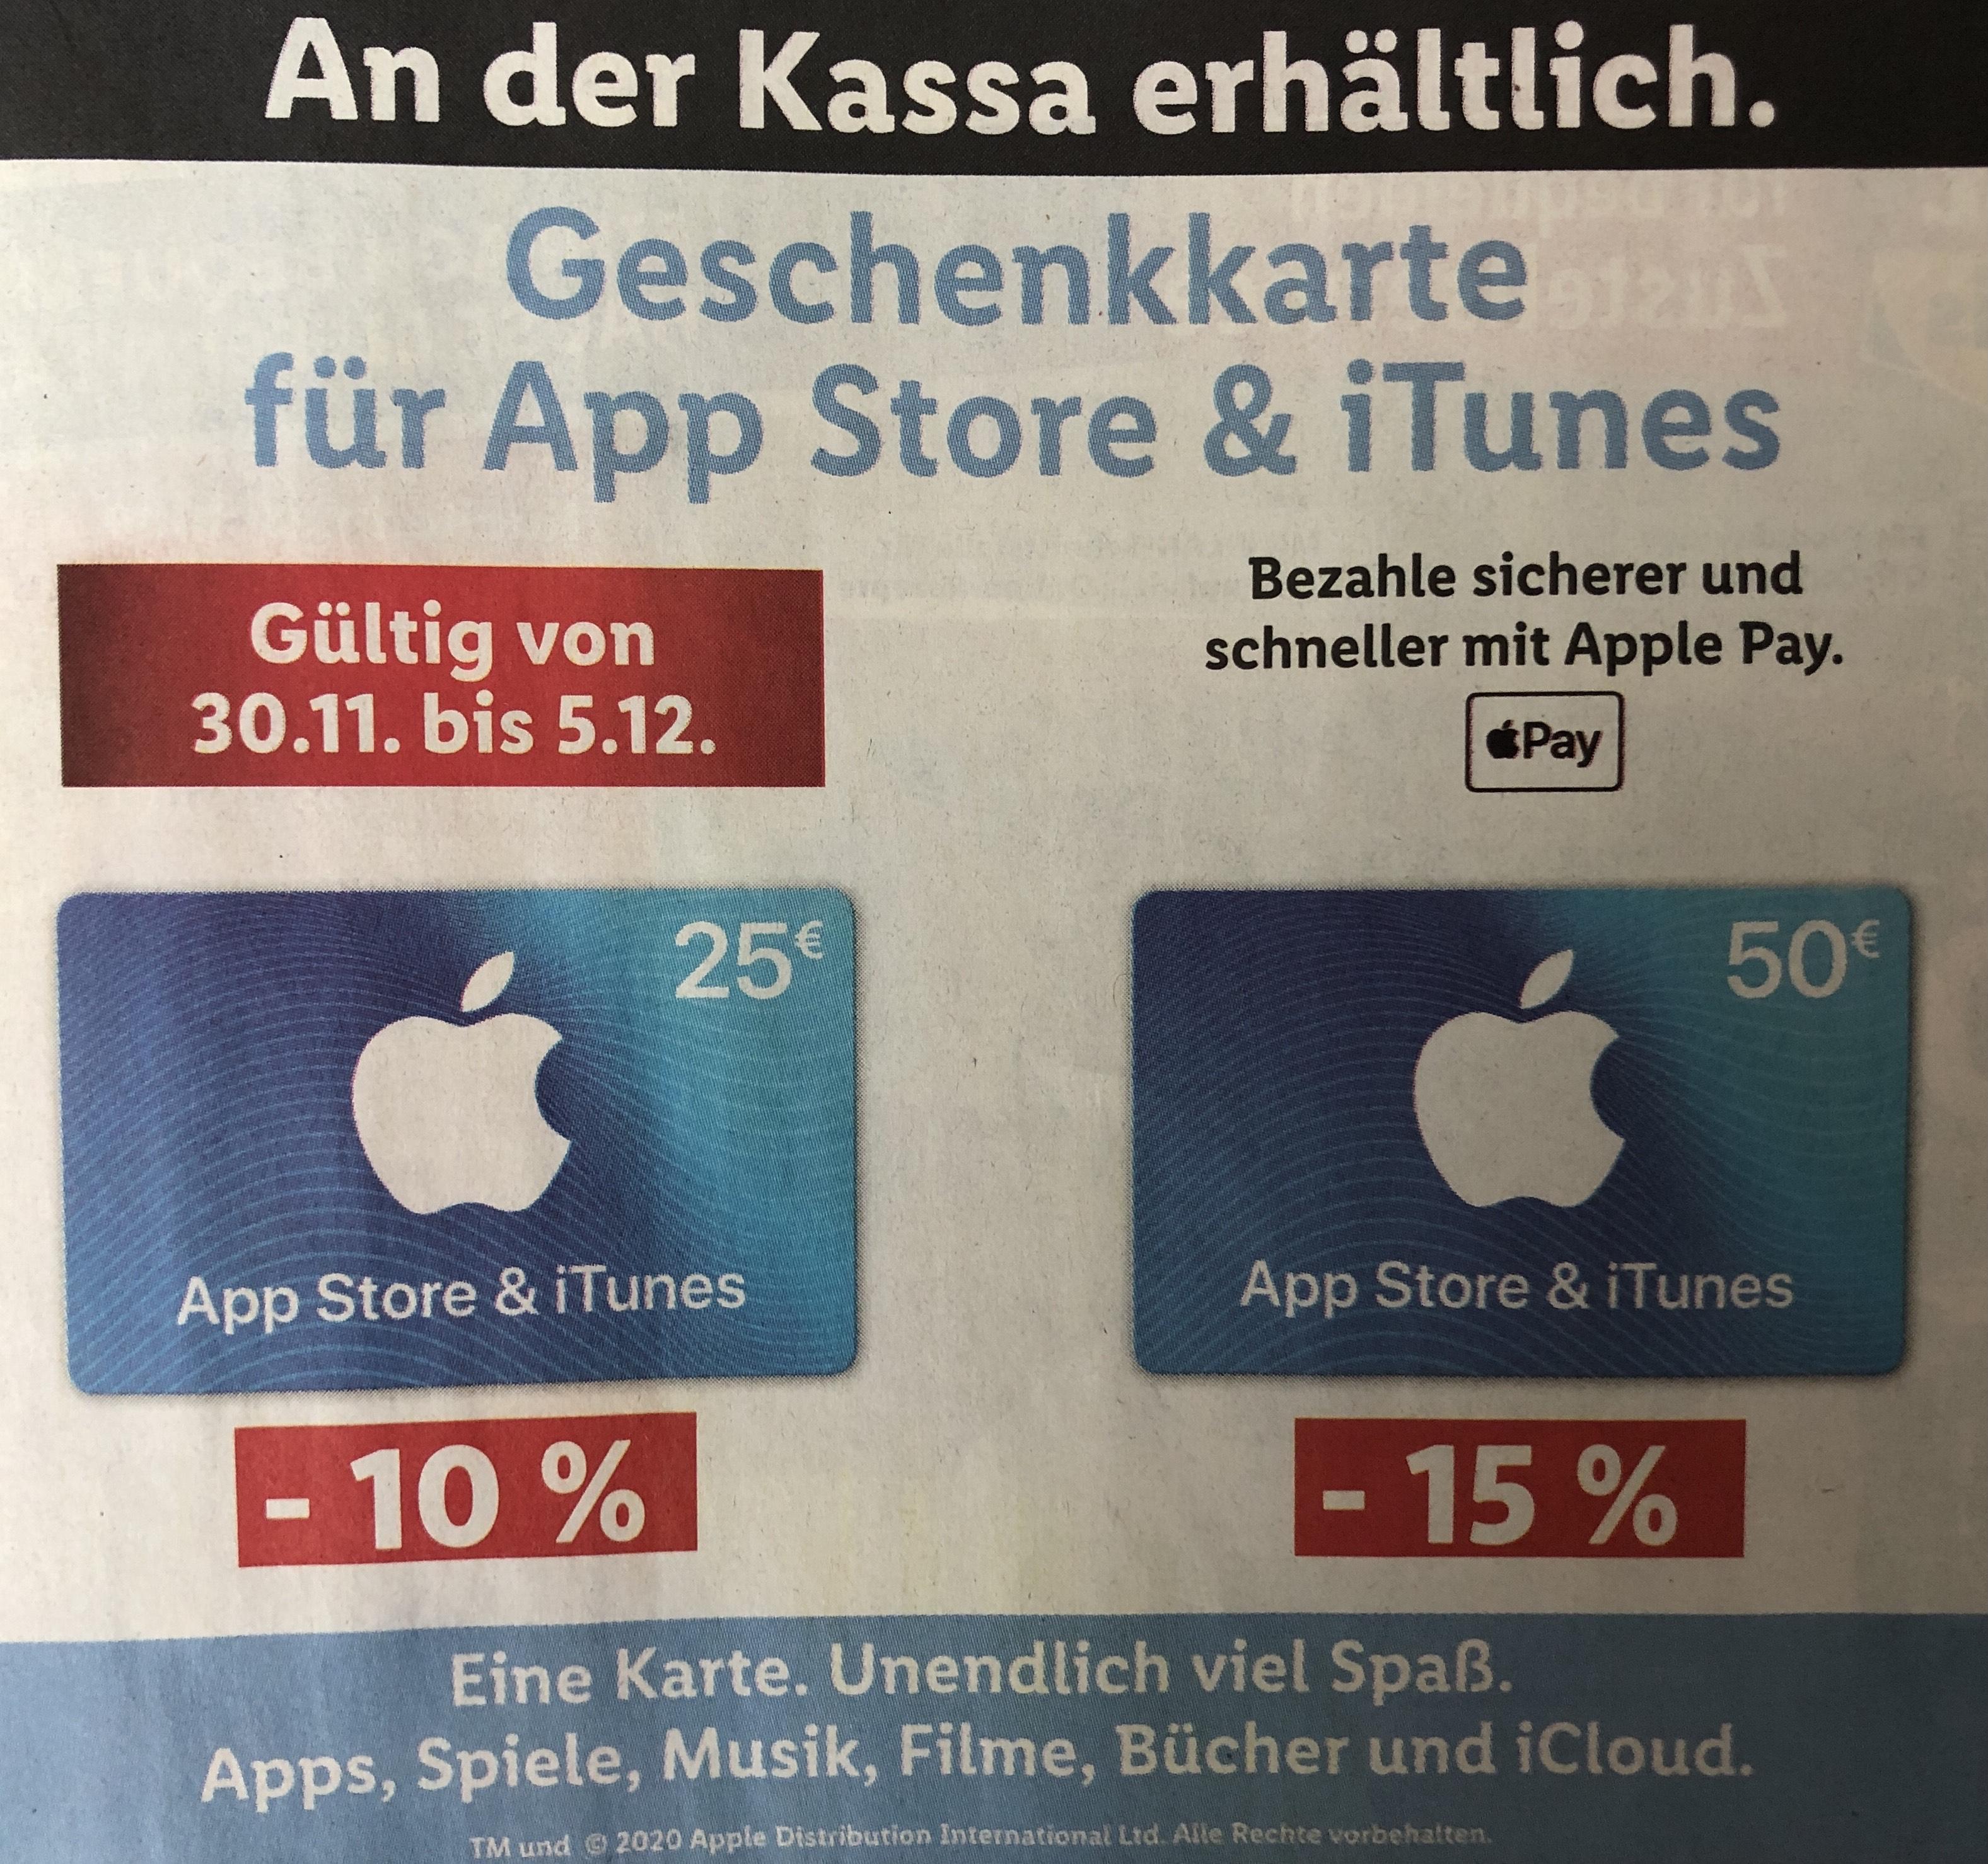 - 15 % Rabatt auf die € 50,— App Store und iTunes-Geschenkkarte